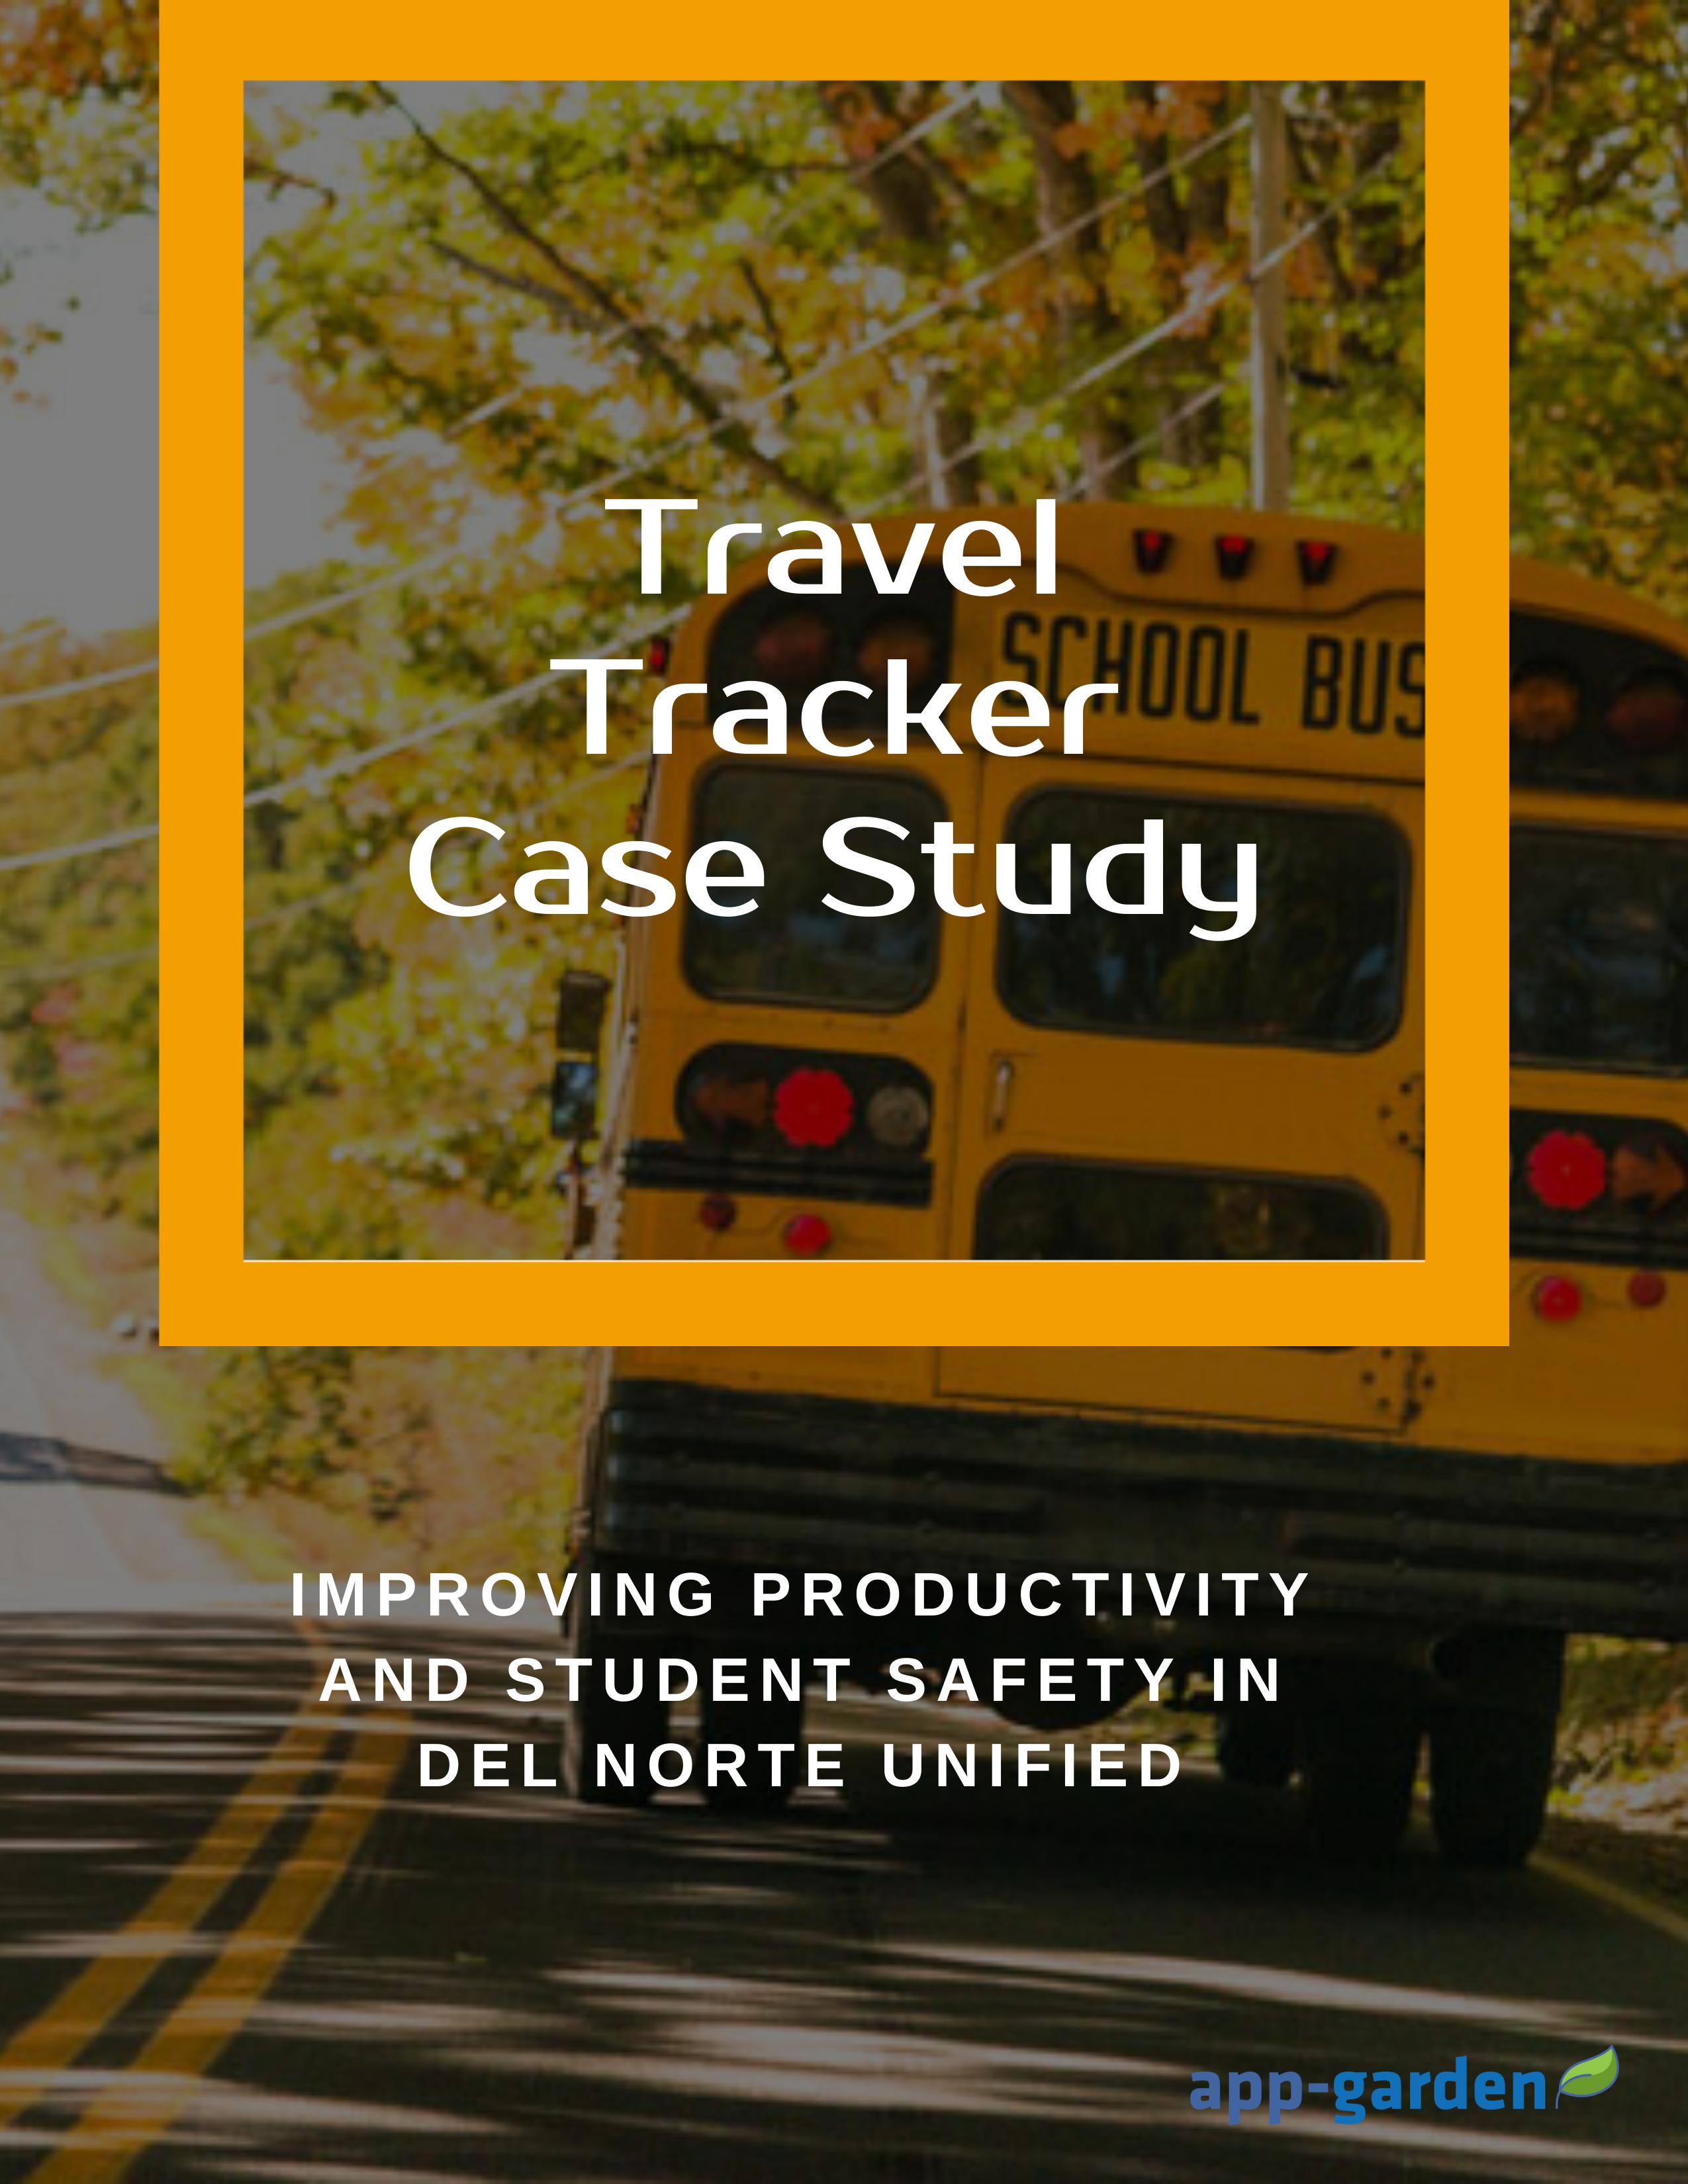 Del Norte Case Study Cover